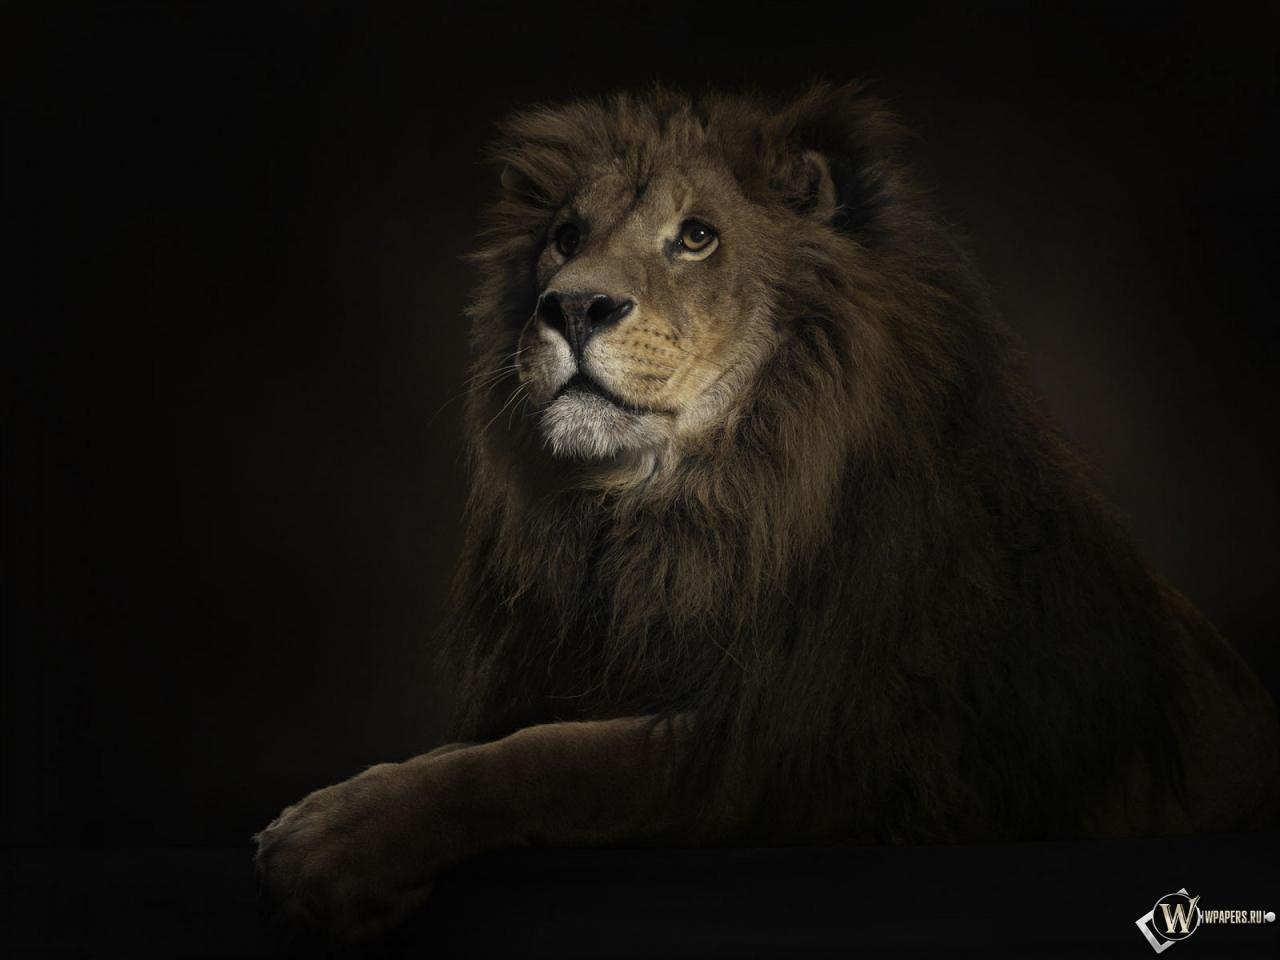 Animals Wallpaper 3d Hd 2 0 Apk Download: Скачать обои Лев на черном фоне (Зверь, Царь зверей